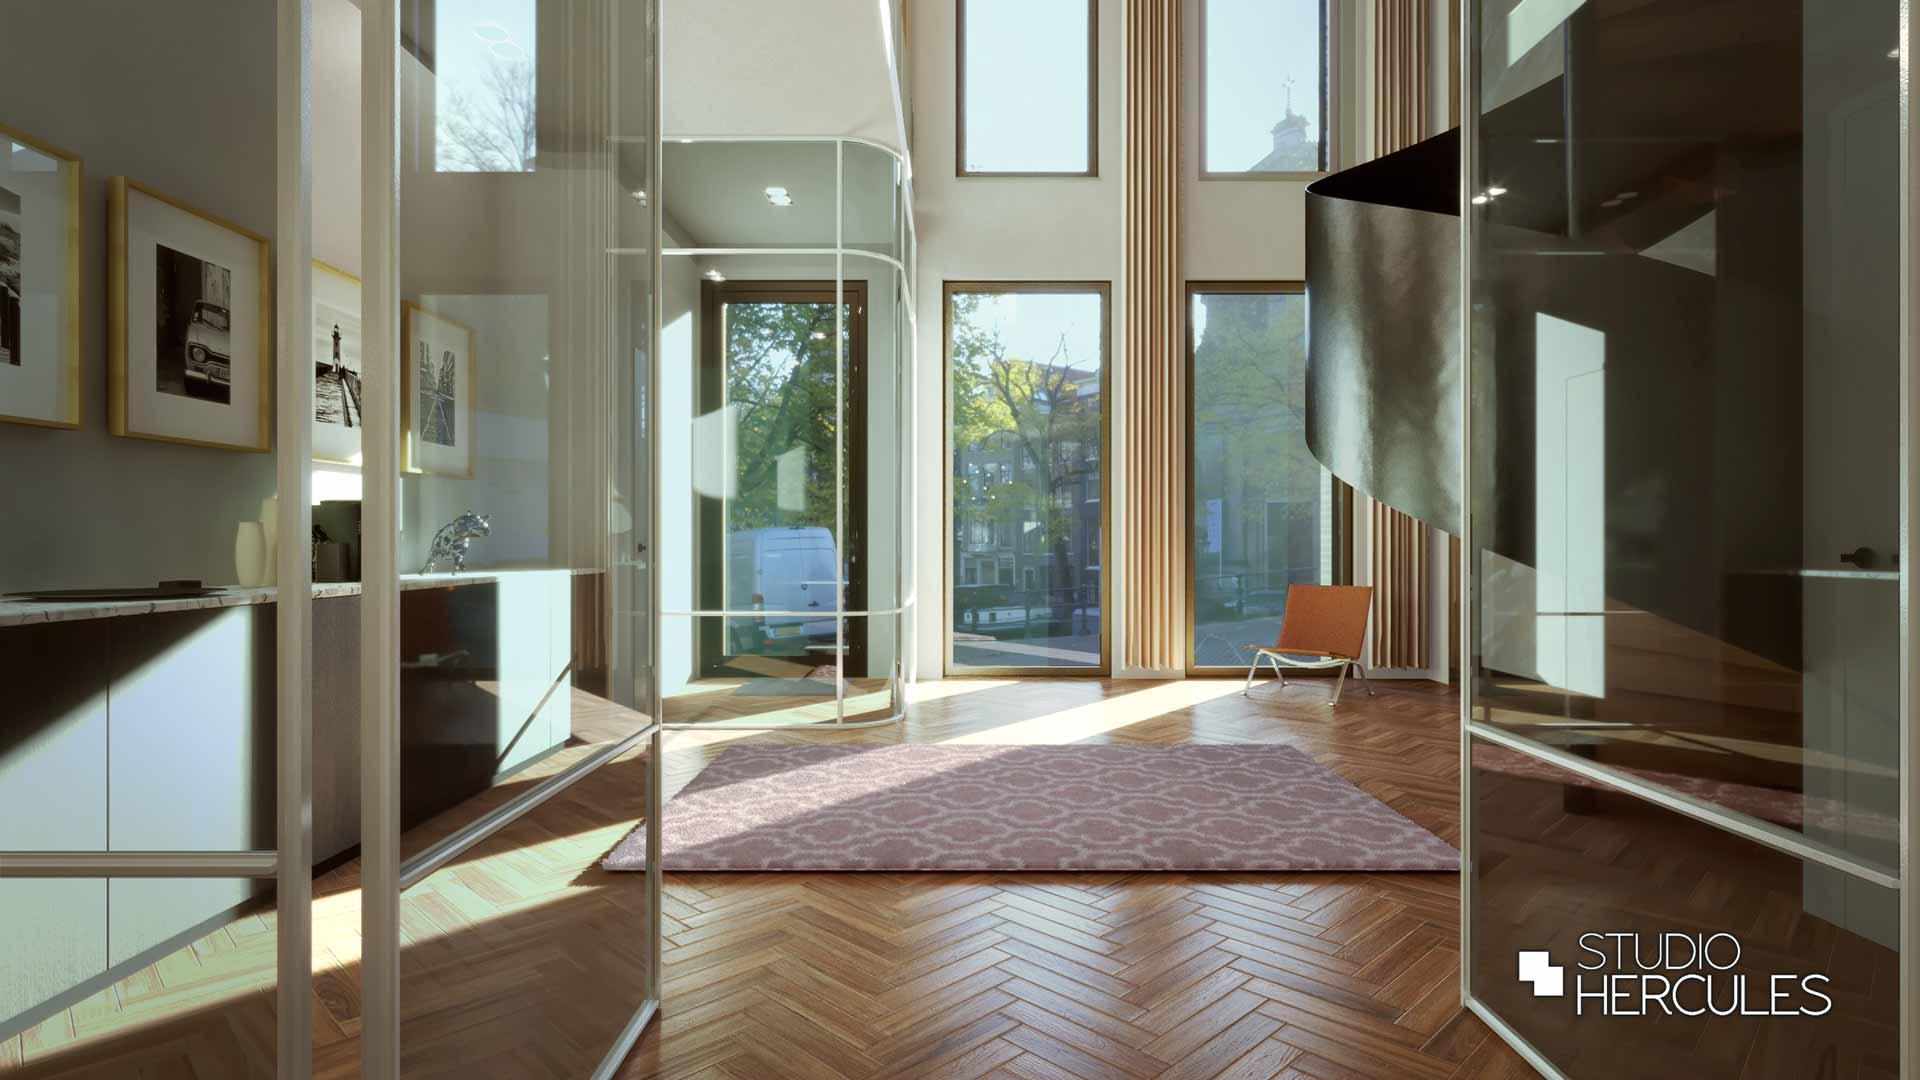 Stalen taatsdeur en stalen trap met ruim uizicht op grachten